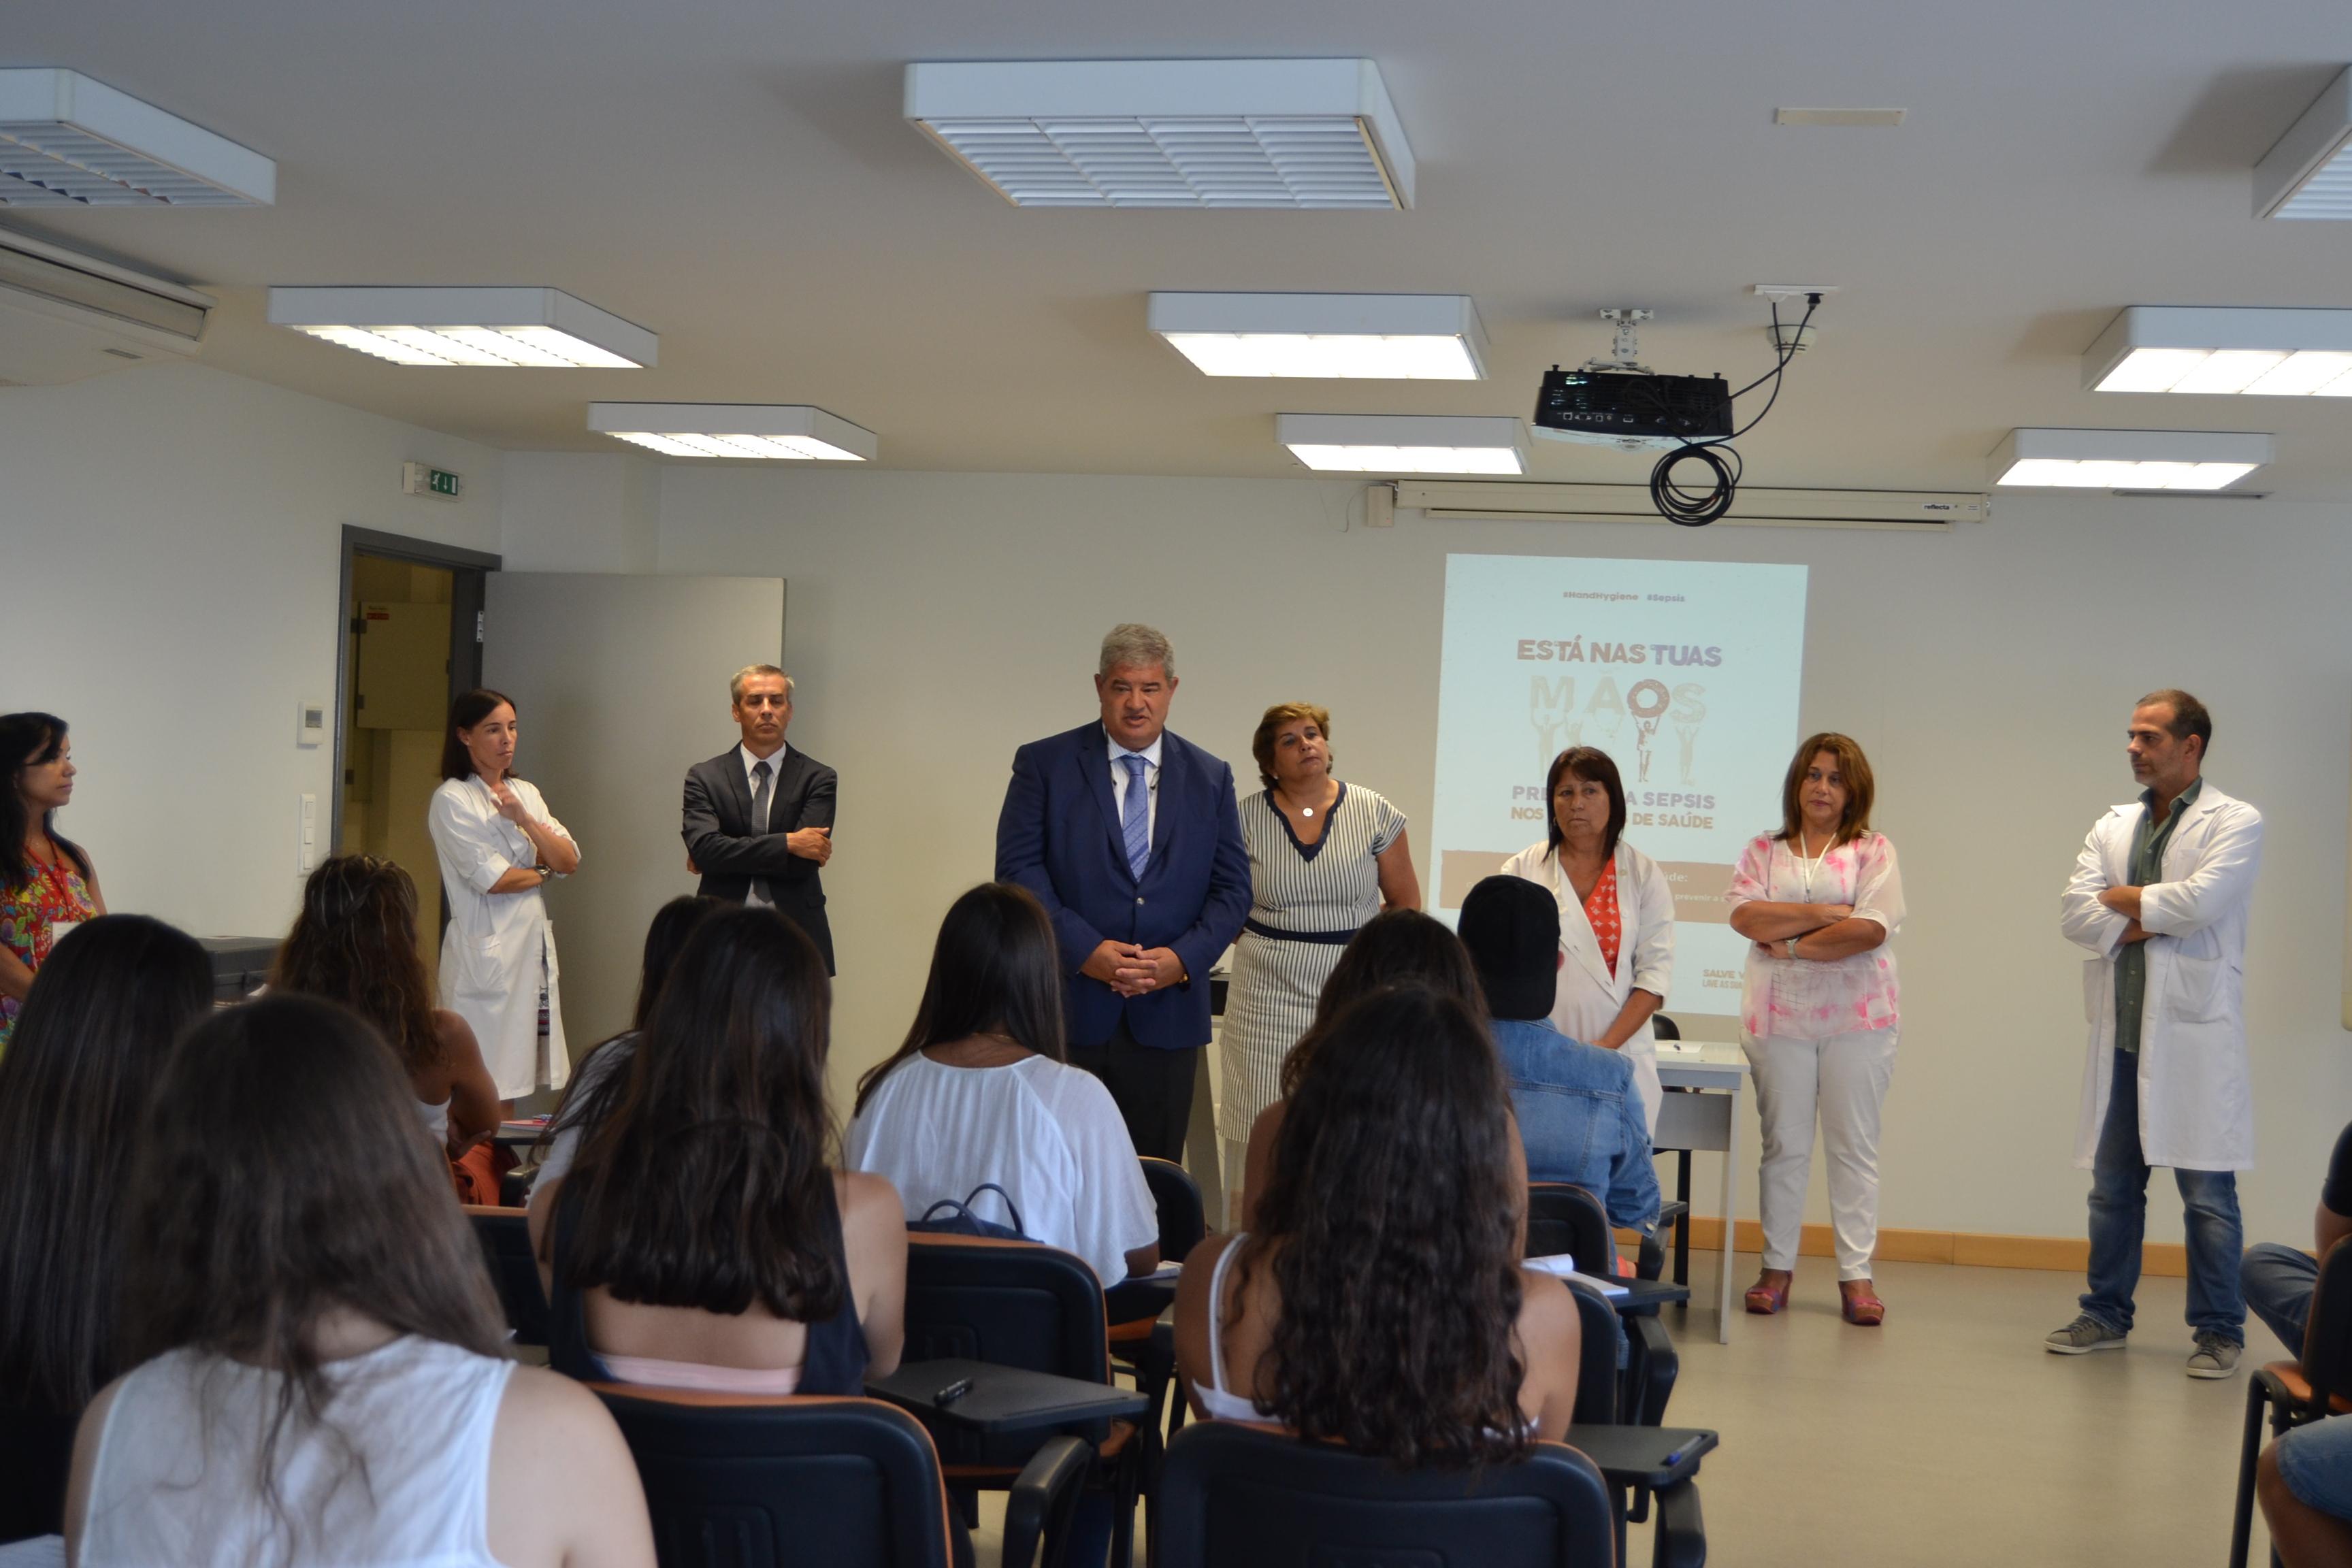 Quase mil jovens já receberam formação em primeiros socorros promovida pelo Serviço de Saúde